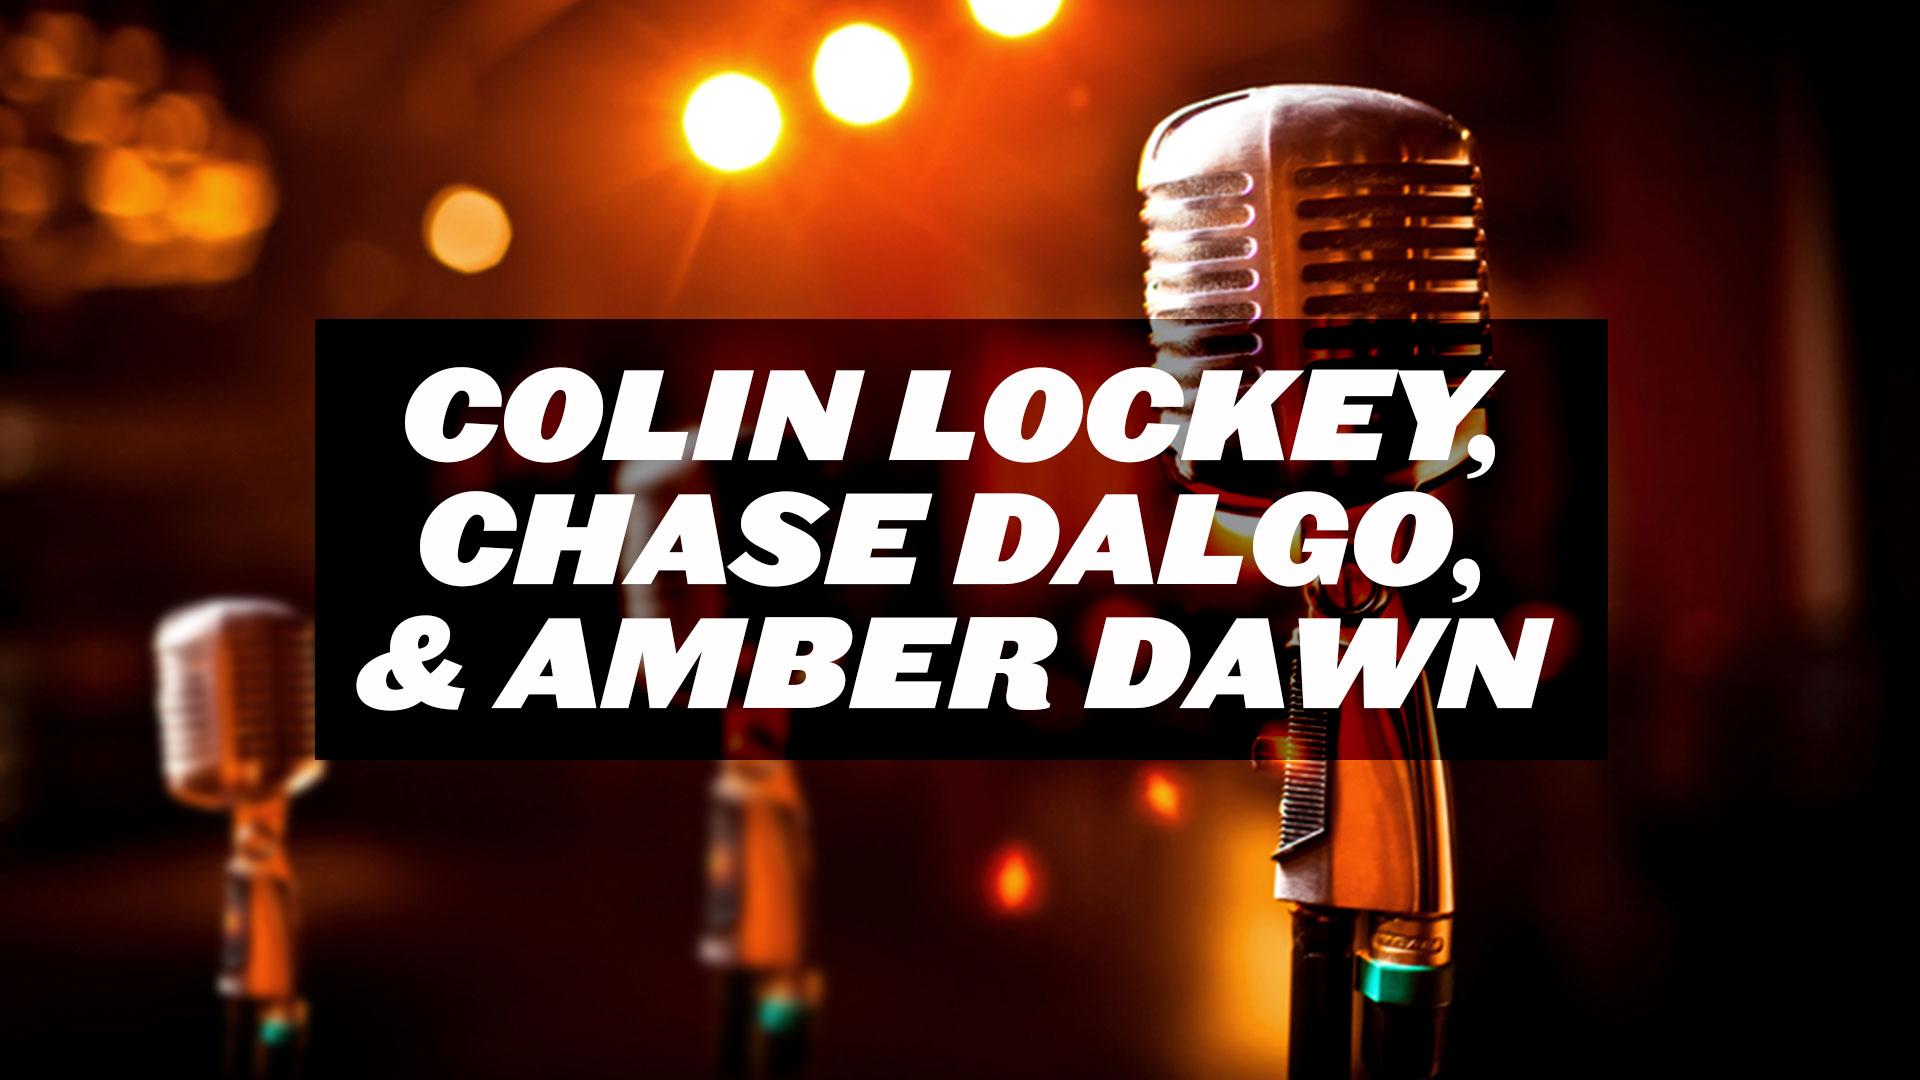 lockey-dalgo-dawn.jpg